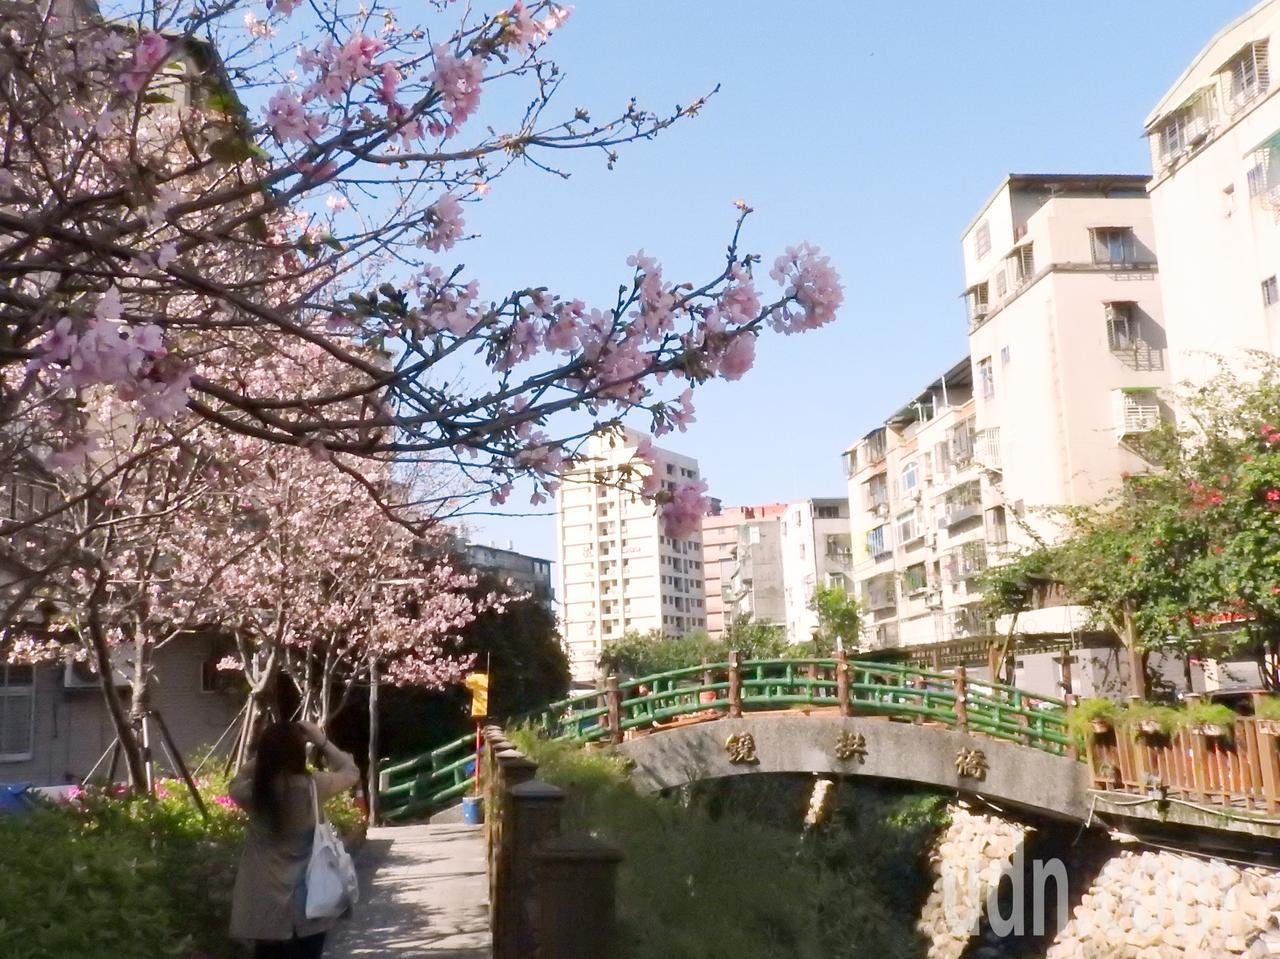 鄰近捷運海山站的土城「希望之河」昭和櫻已開四到五成,今天假日已吸引賞花民眾,估計3月中將盛開。記者祁容玉/攝影